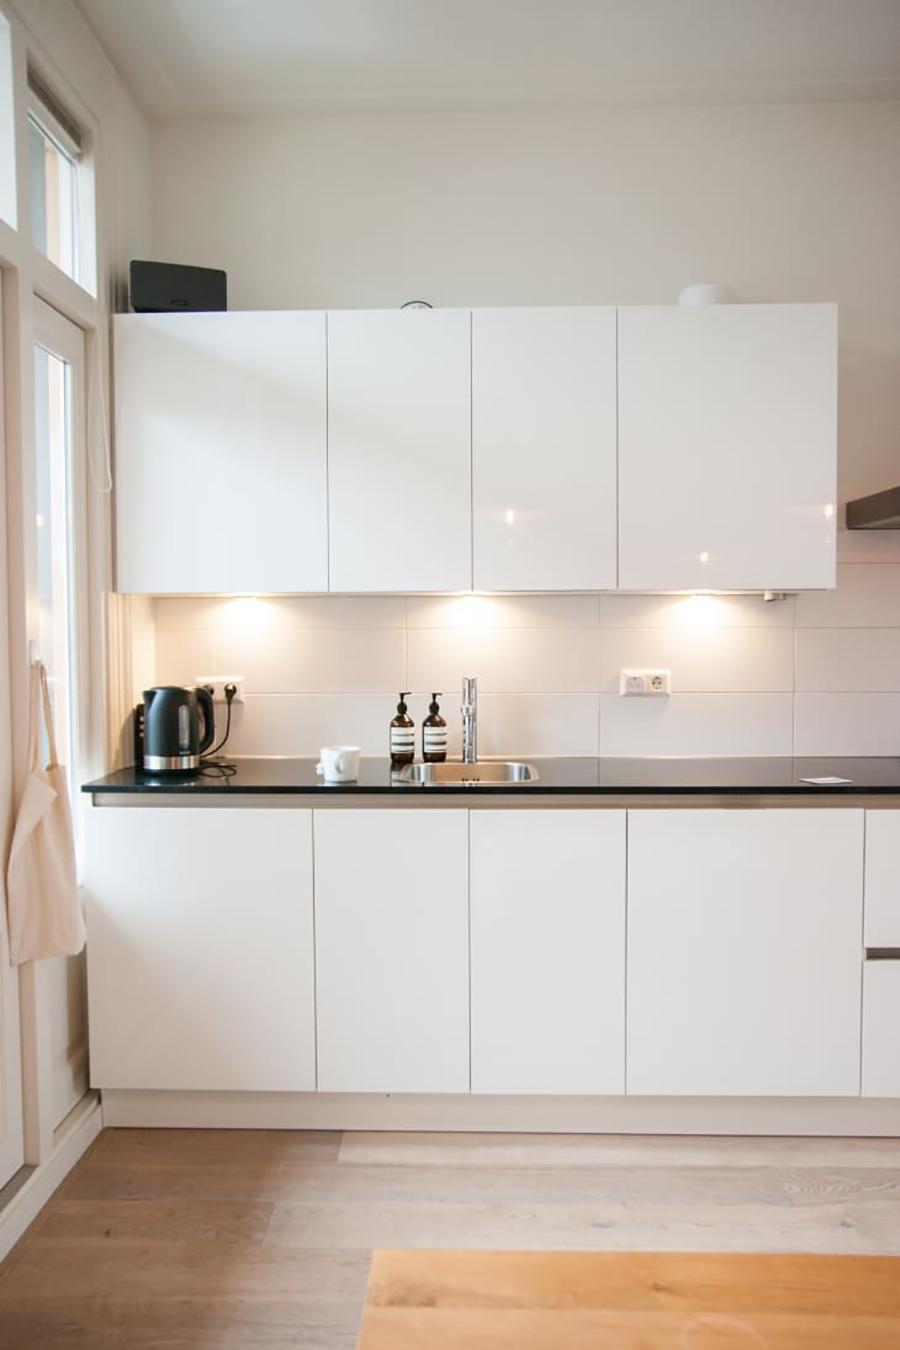 Los focos bajo los muebles de cocina ayudan a que el área de trabajo esté bien iluminada.